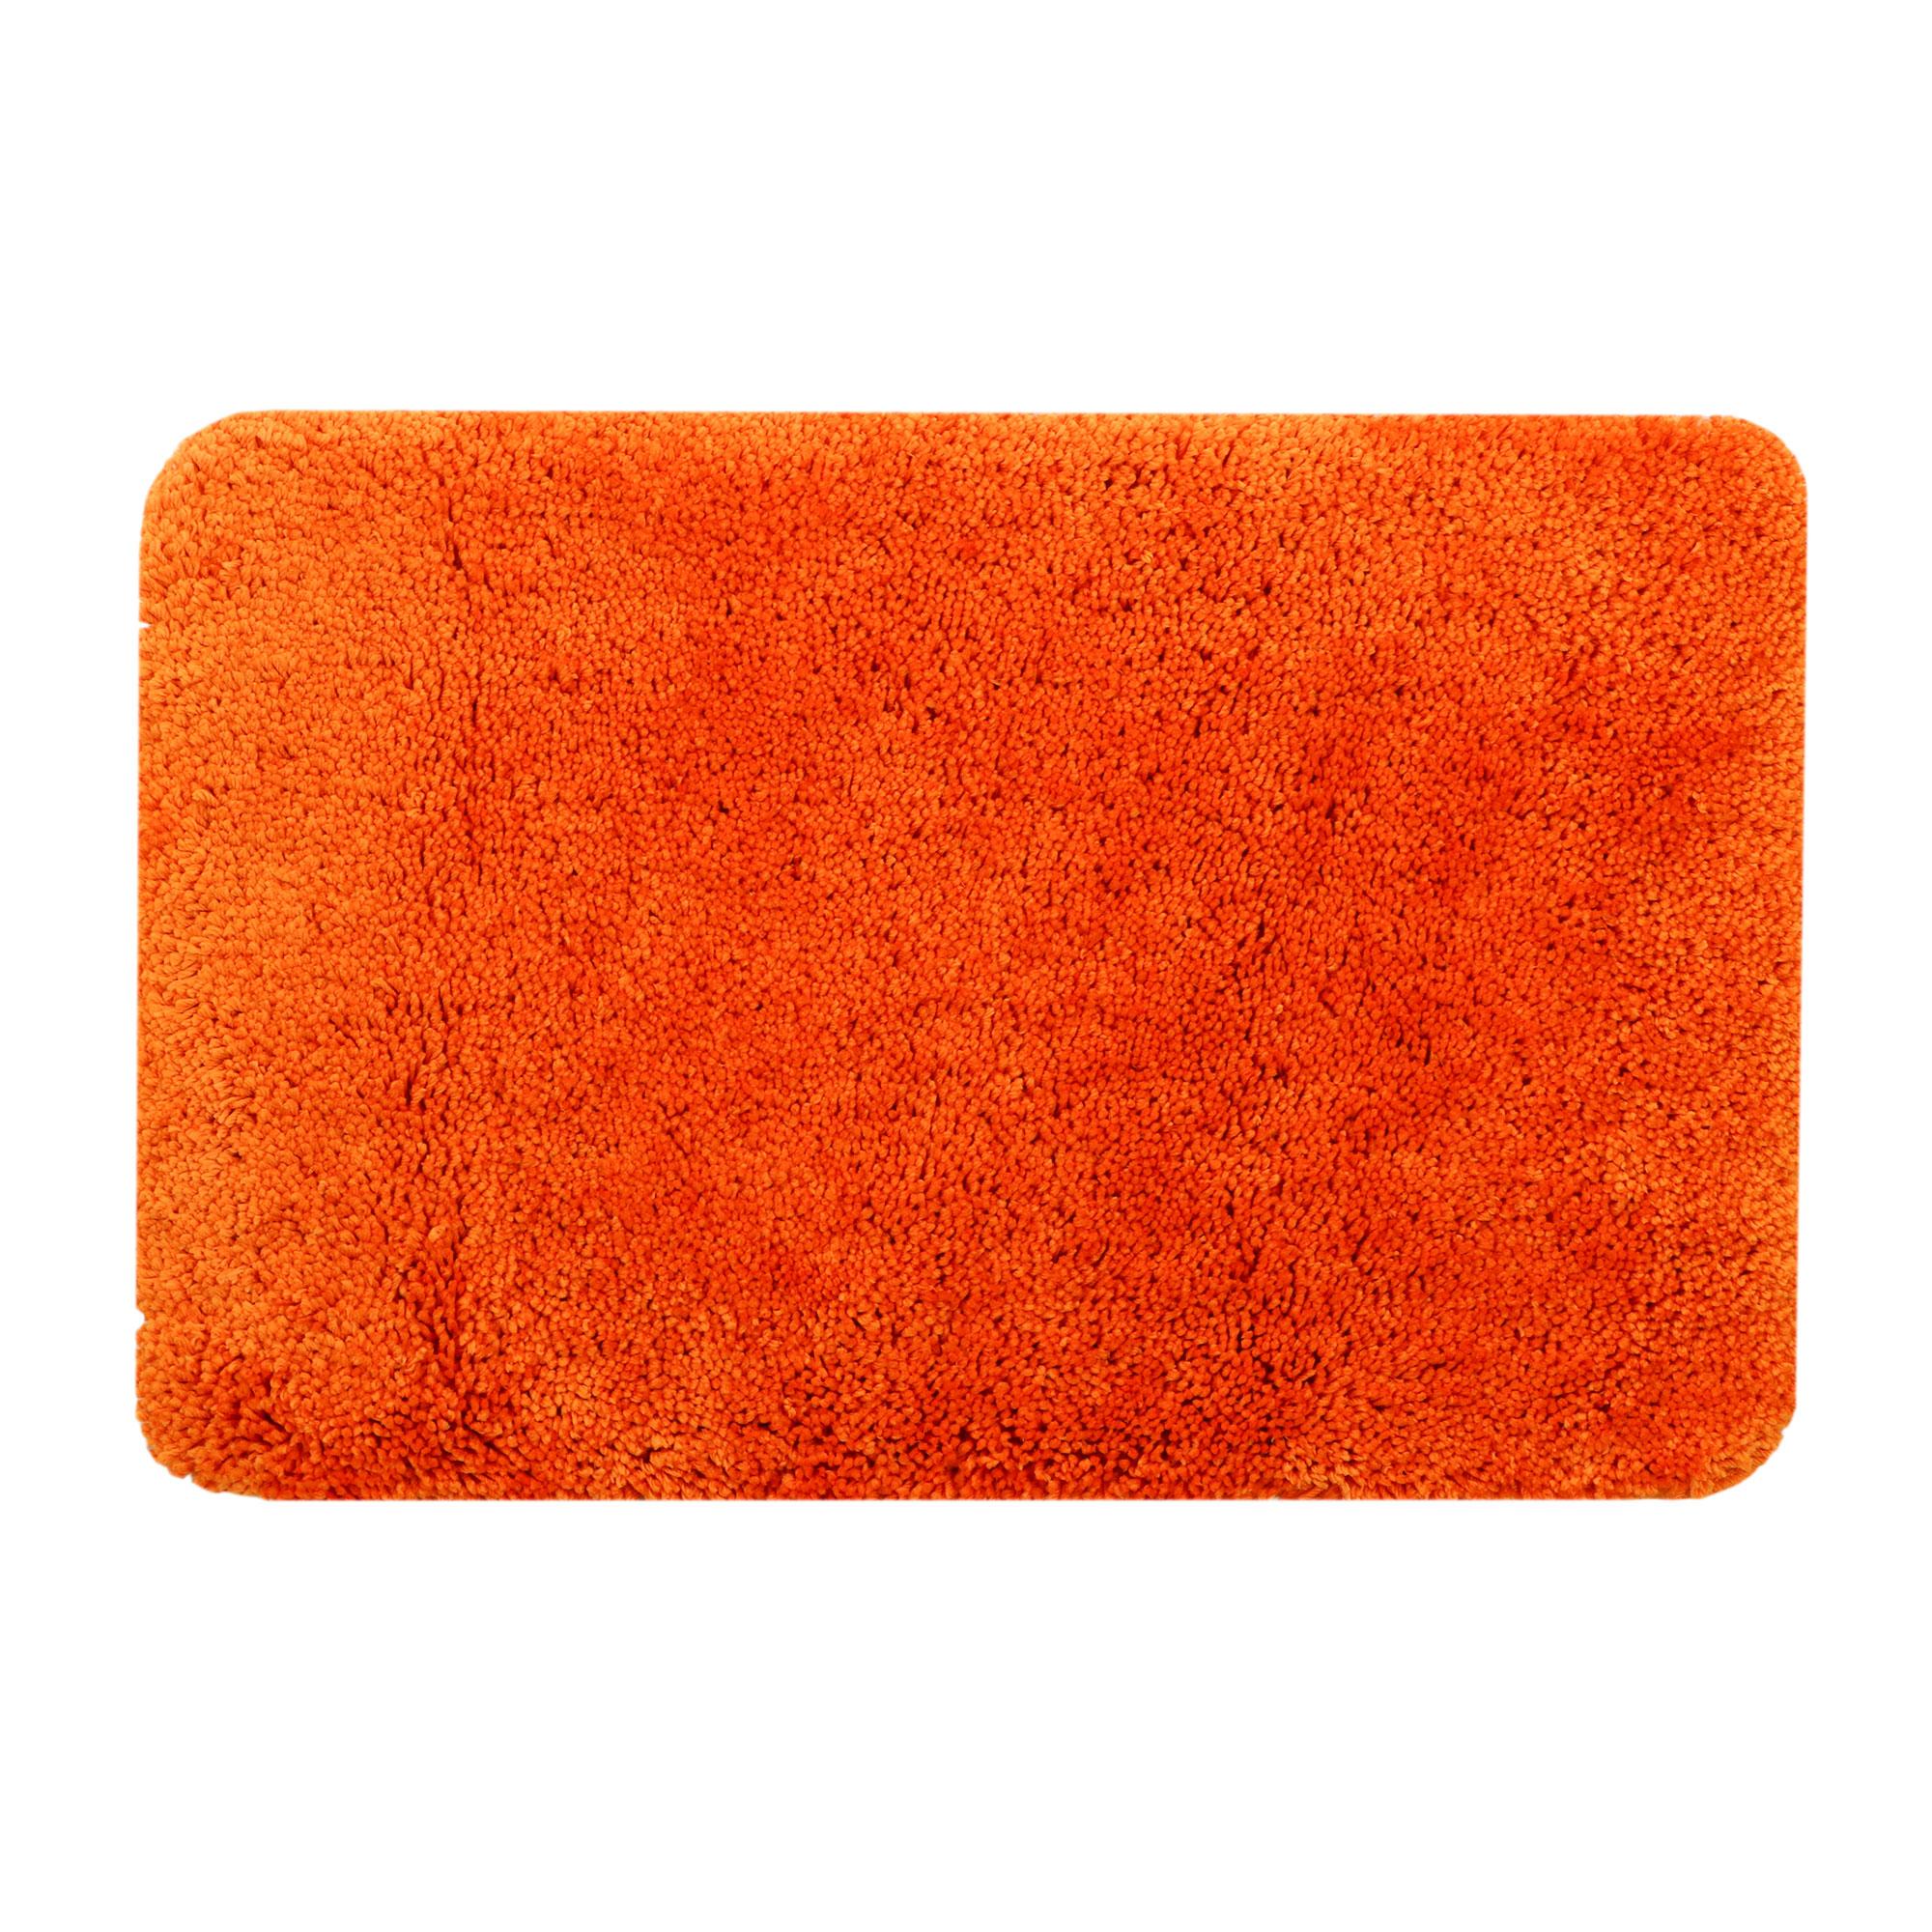 Фото - Коврик для ванной Spirella Highland оранжевый 60x90 коврик для ванной togas дорис розовое 60x90